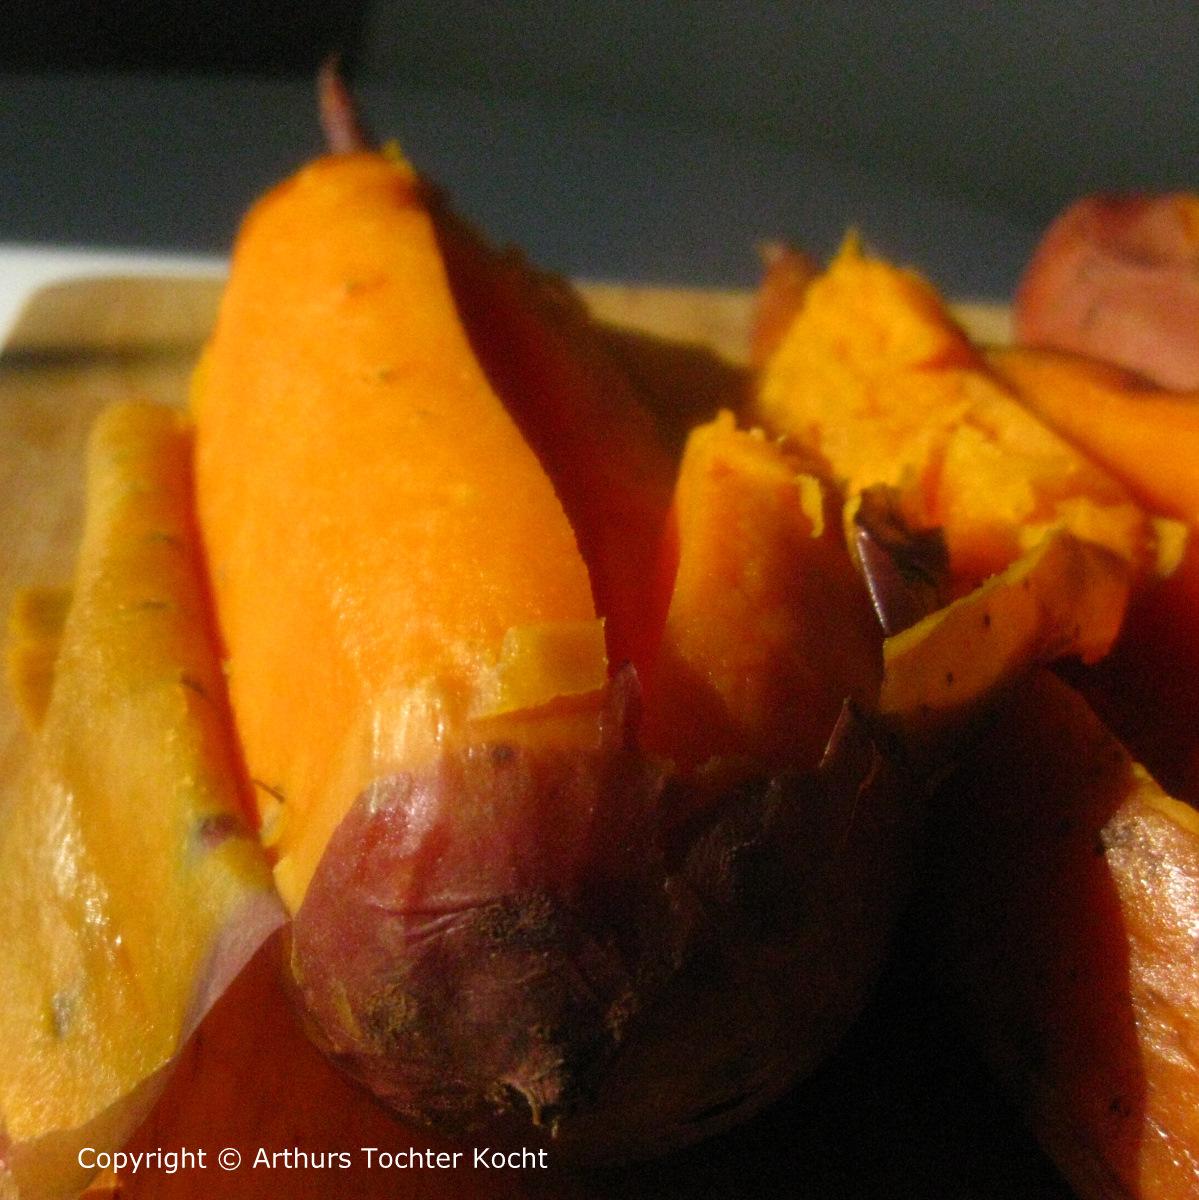 Vom Missgeschick... Süßkartoffelgnocchi nach Cornelia Poletto  | Arthurs Tochter kocht von Astrid Paul. Der Blog für Food, Wine, Travel & Love